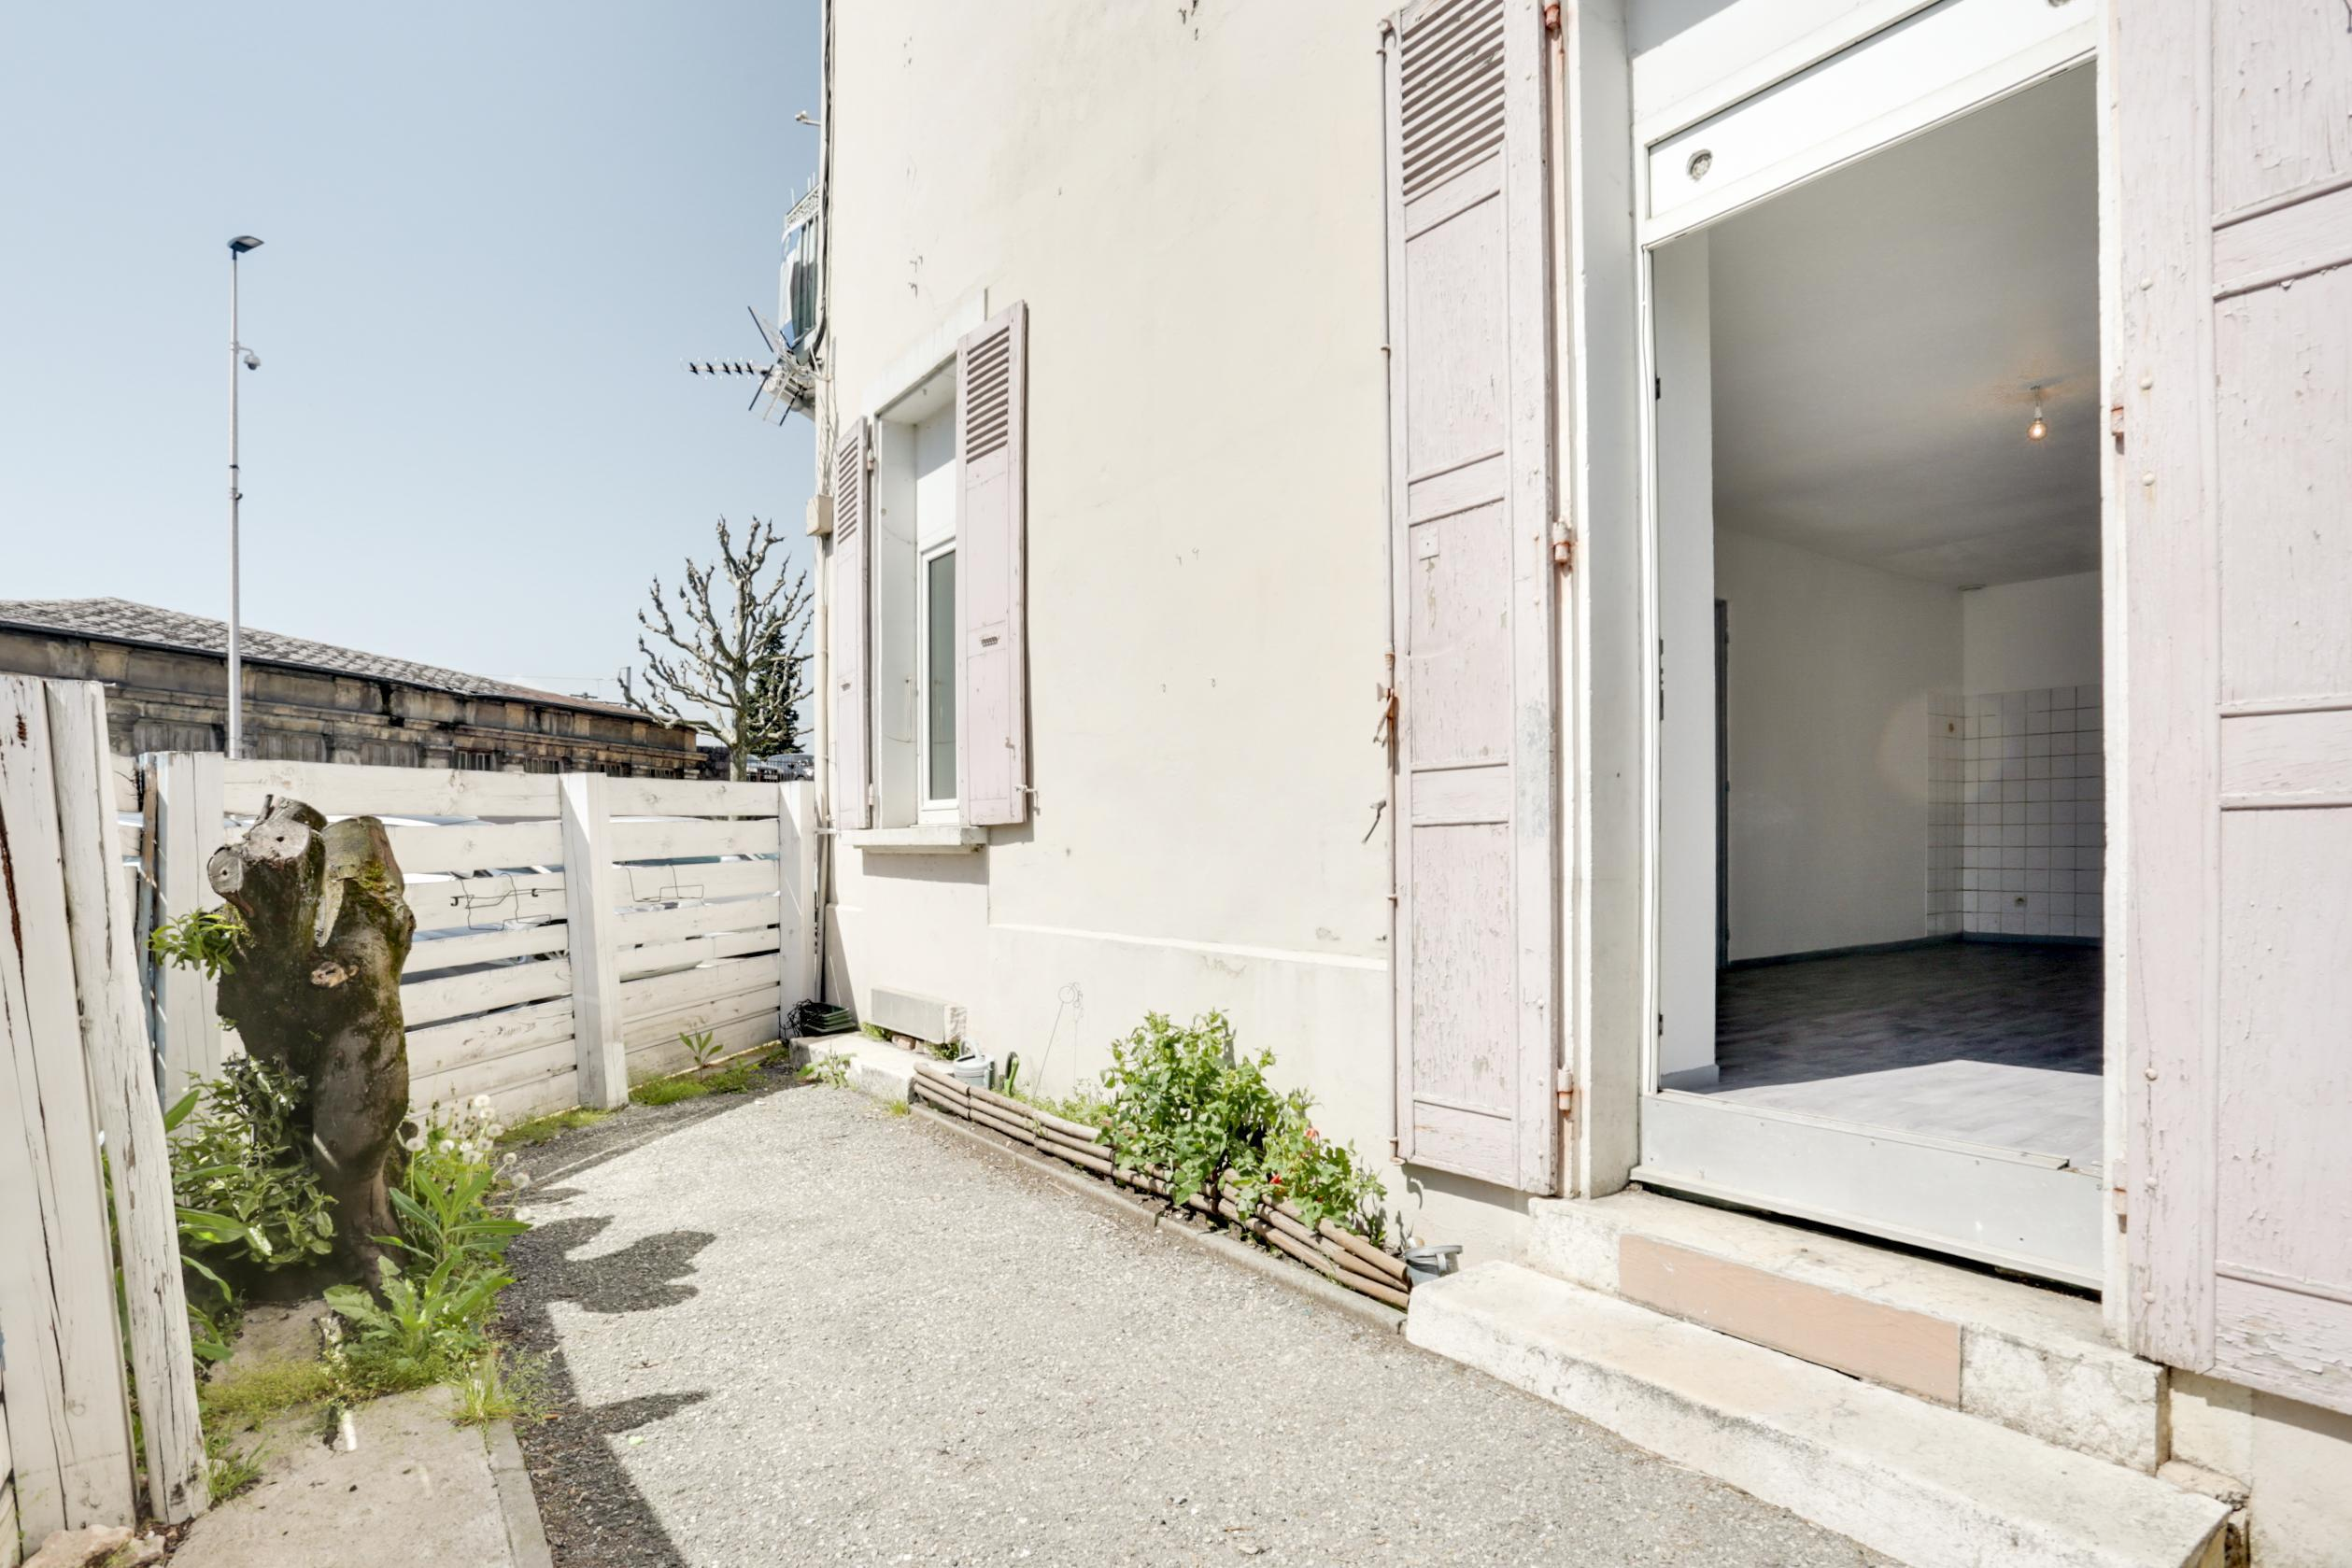 Hauteur Sous Plafond 2M40 appartement à vendre 3 pièces + cuisine 58 m² hyper centre - 25 avenue léon  et joanny tardy, 38500 voiron